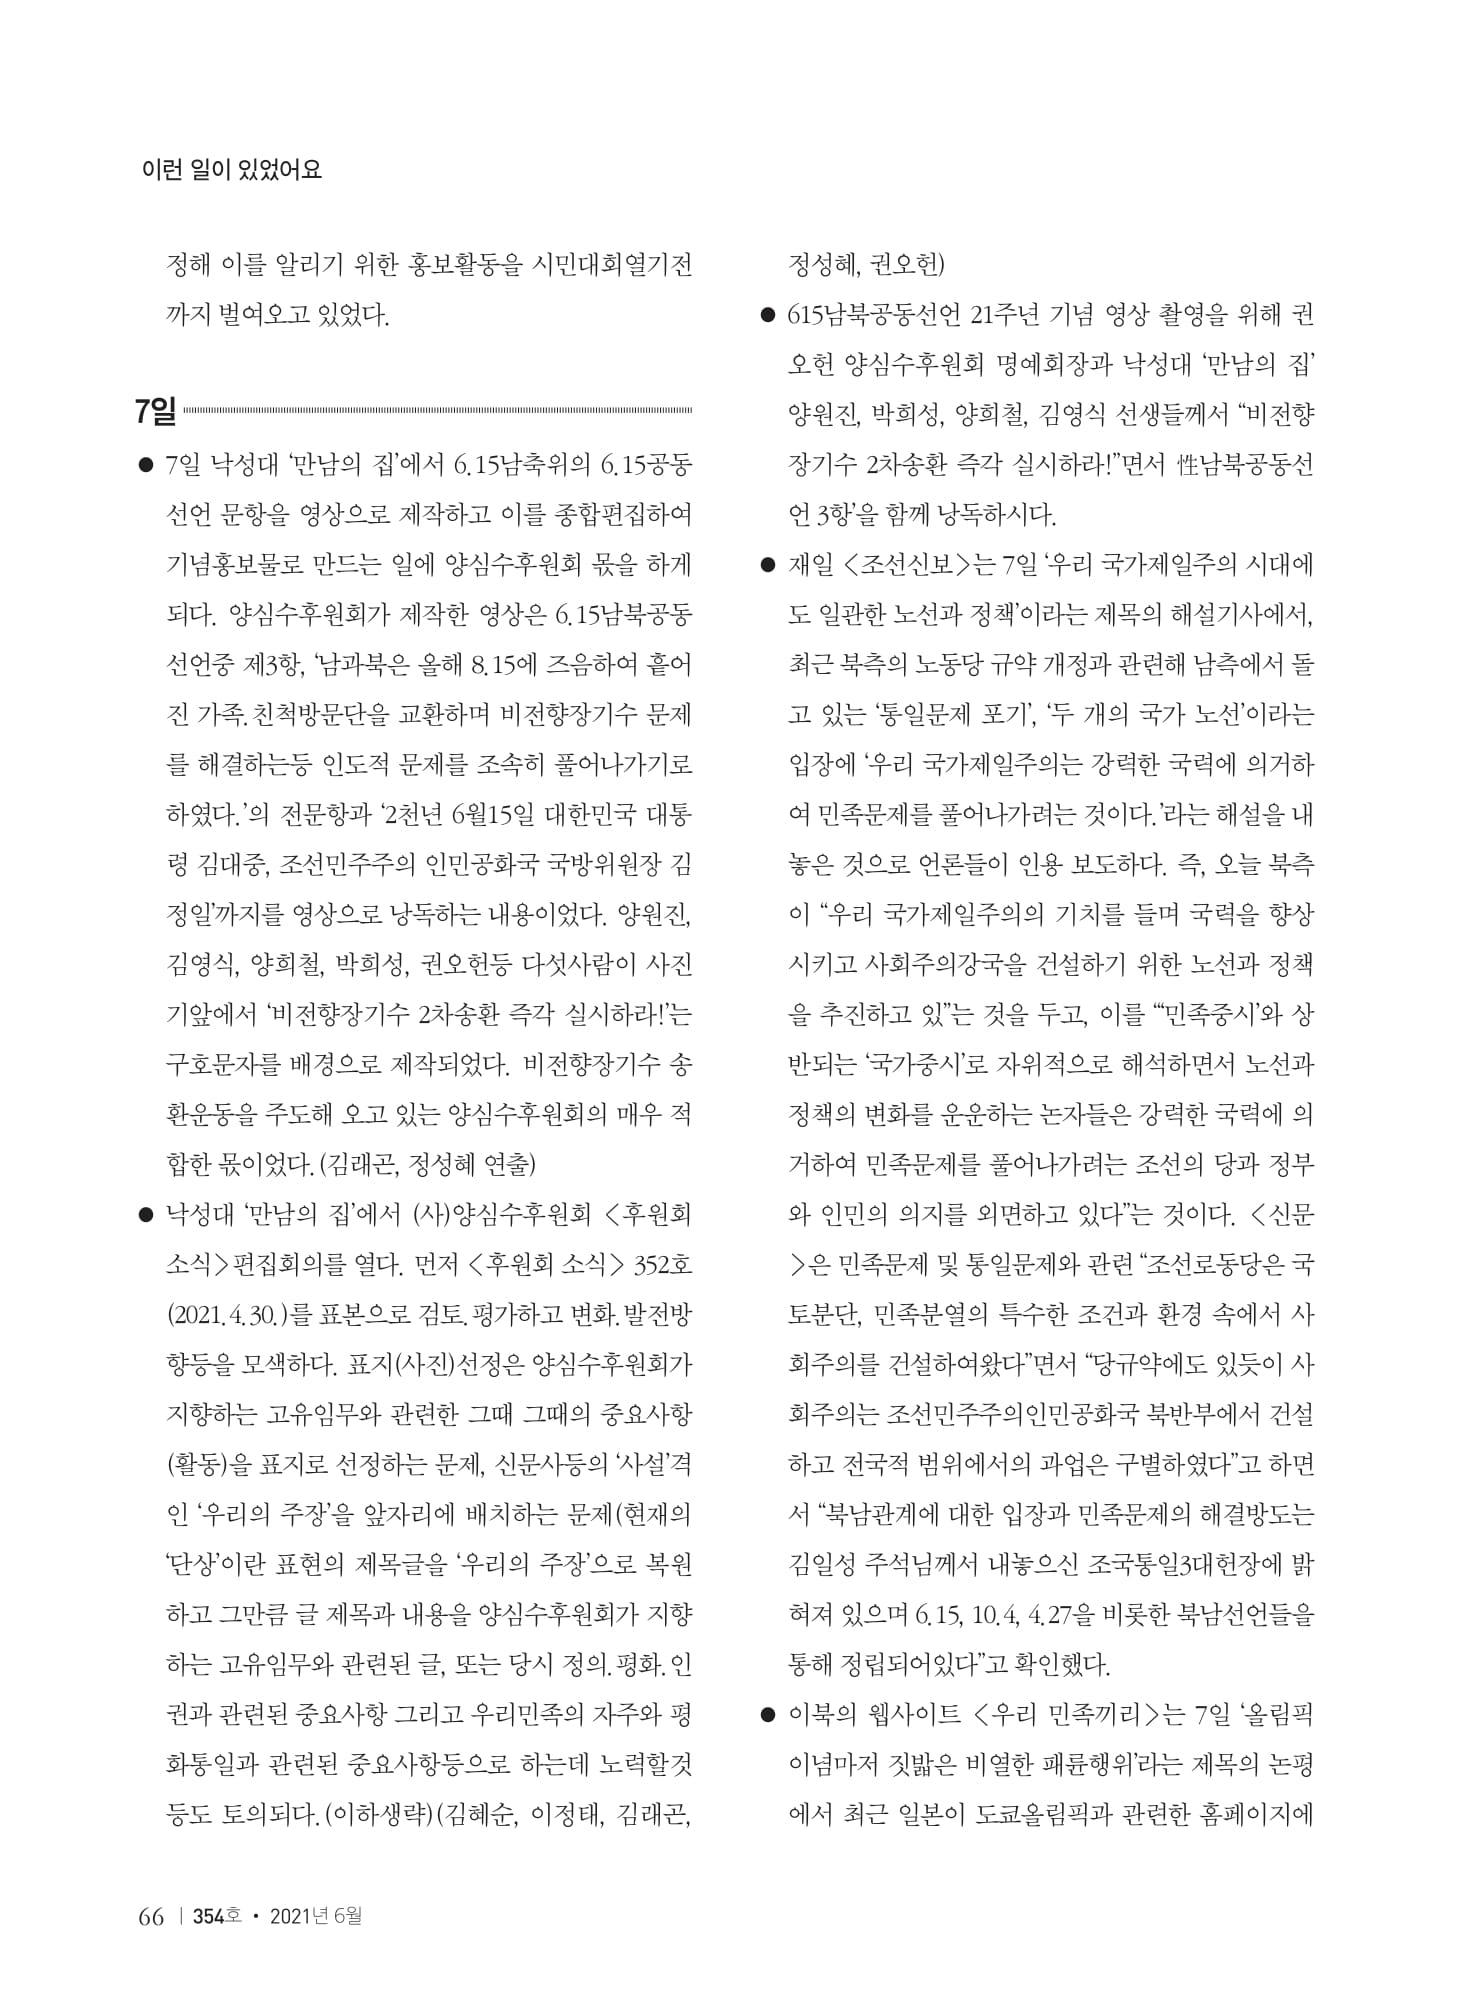 [양심수후원회] 소식지 354호 web 수정-68.jpg